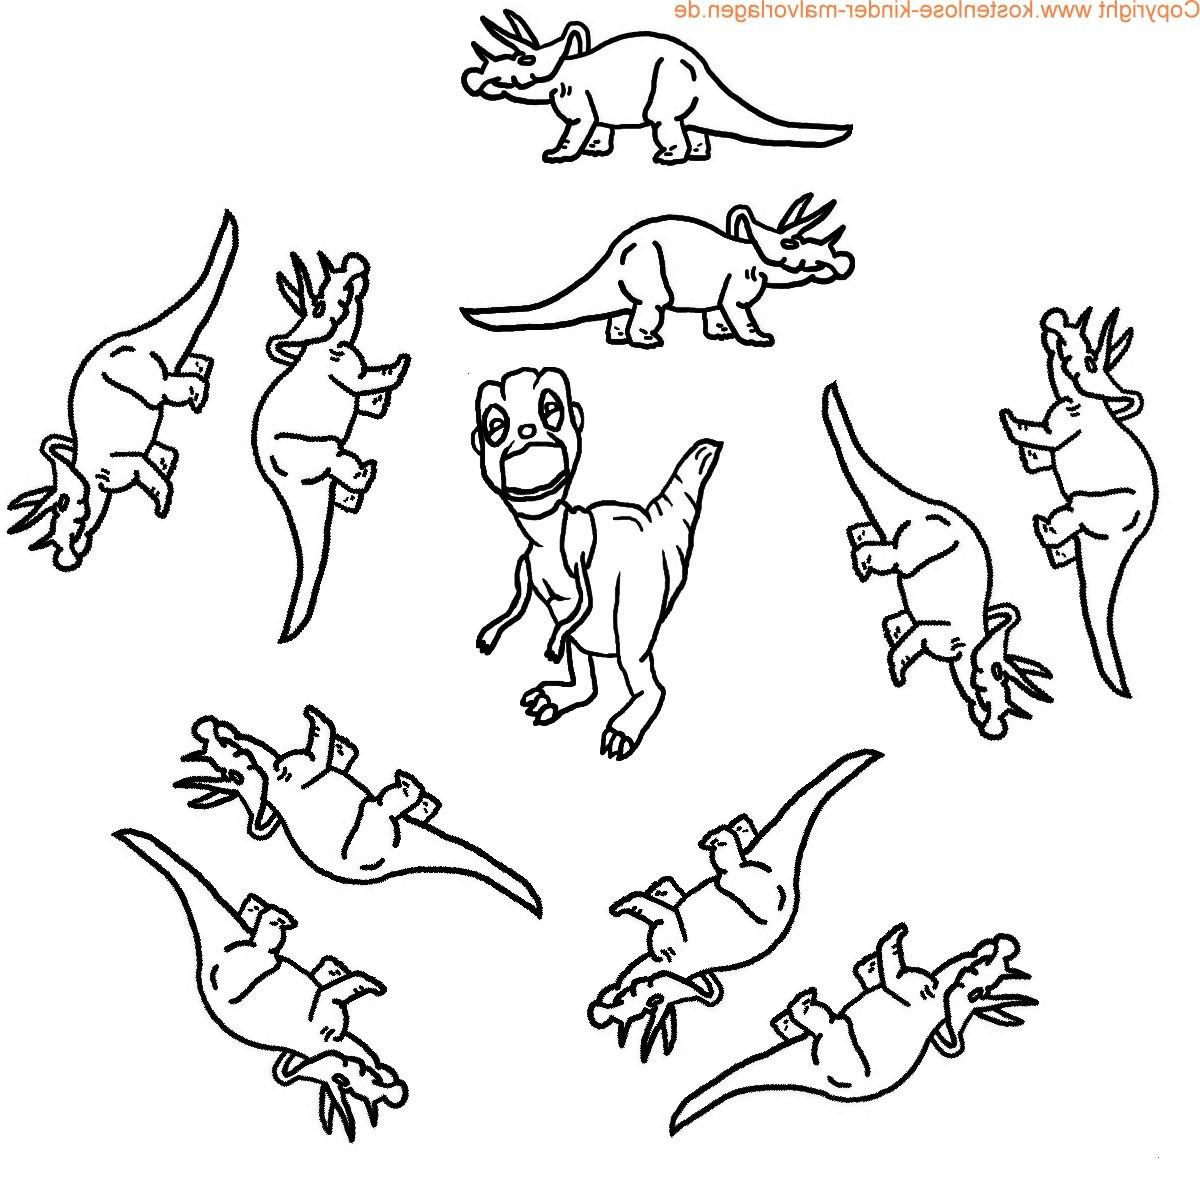 Dino Zug Ausmalbilder Inspirierend 27 Luxus Dinosaurier Ausmalbilder – Malvorlagen Ideen Fotografieren